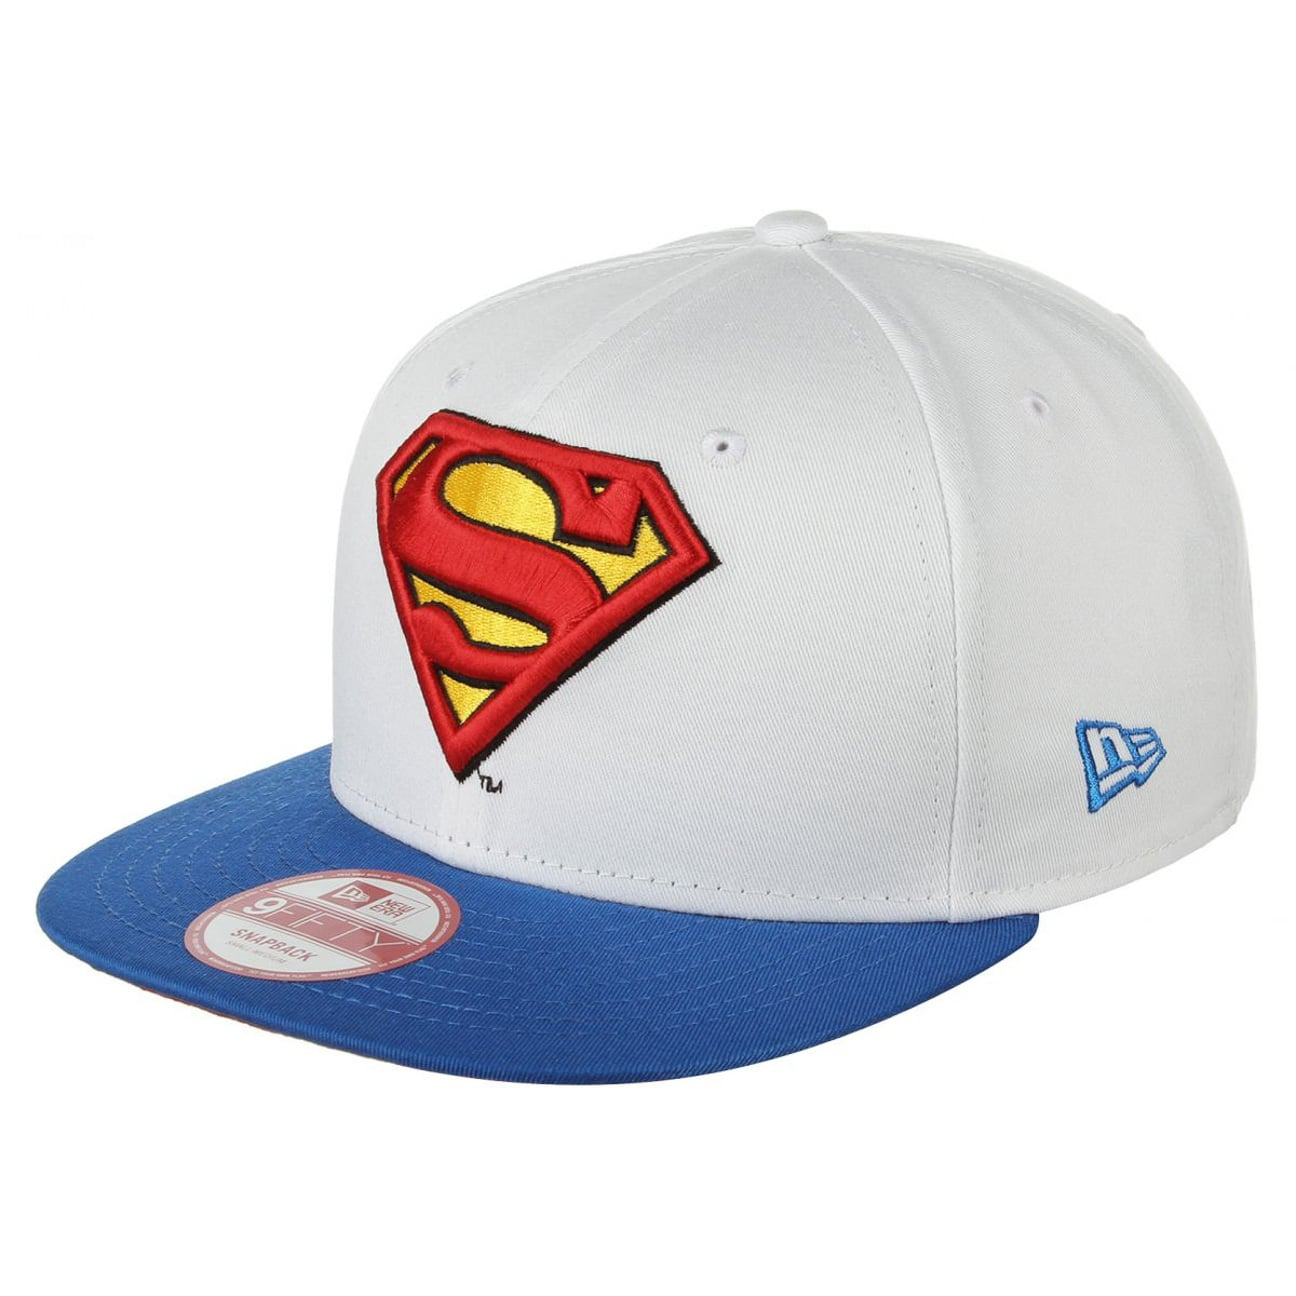 Gorra Snapback Superman by New Era - Gorras - sombreroshop.es d563056b1e2